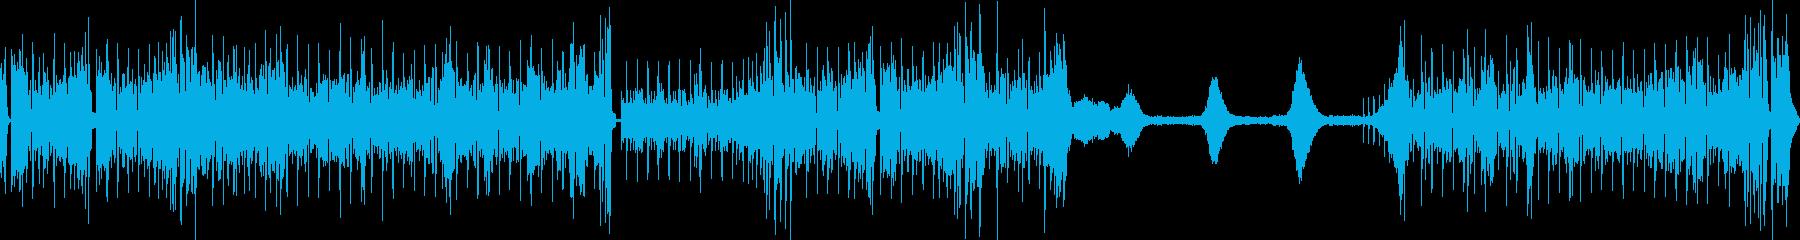 EGが印象的なフュージョンサウンドの再生済みの波形